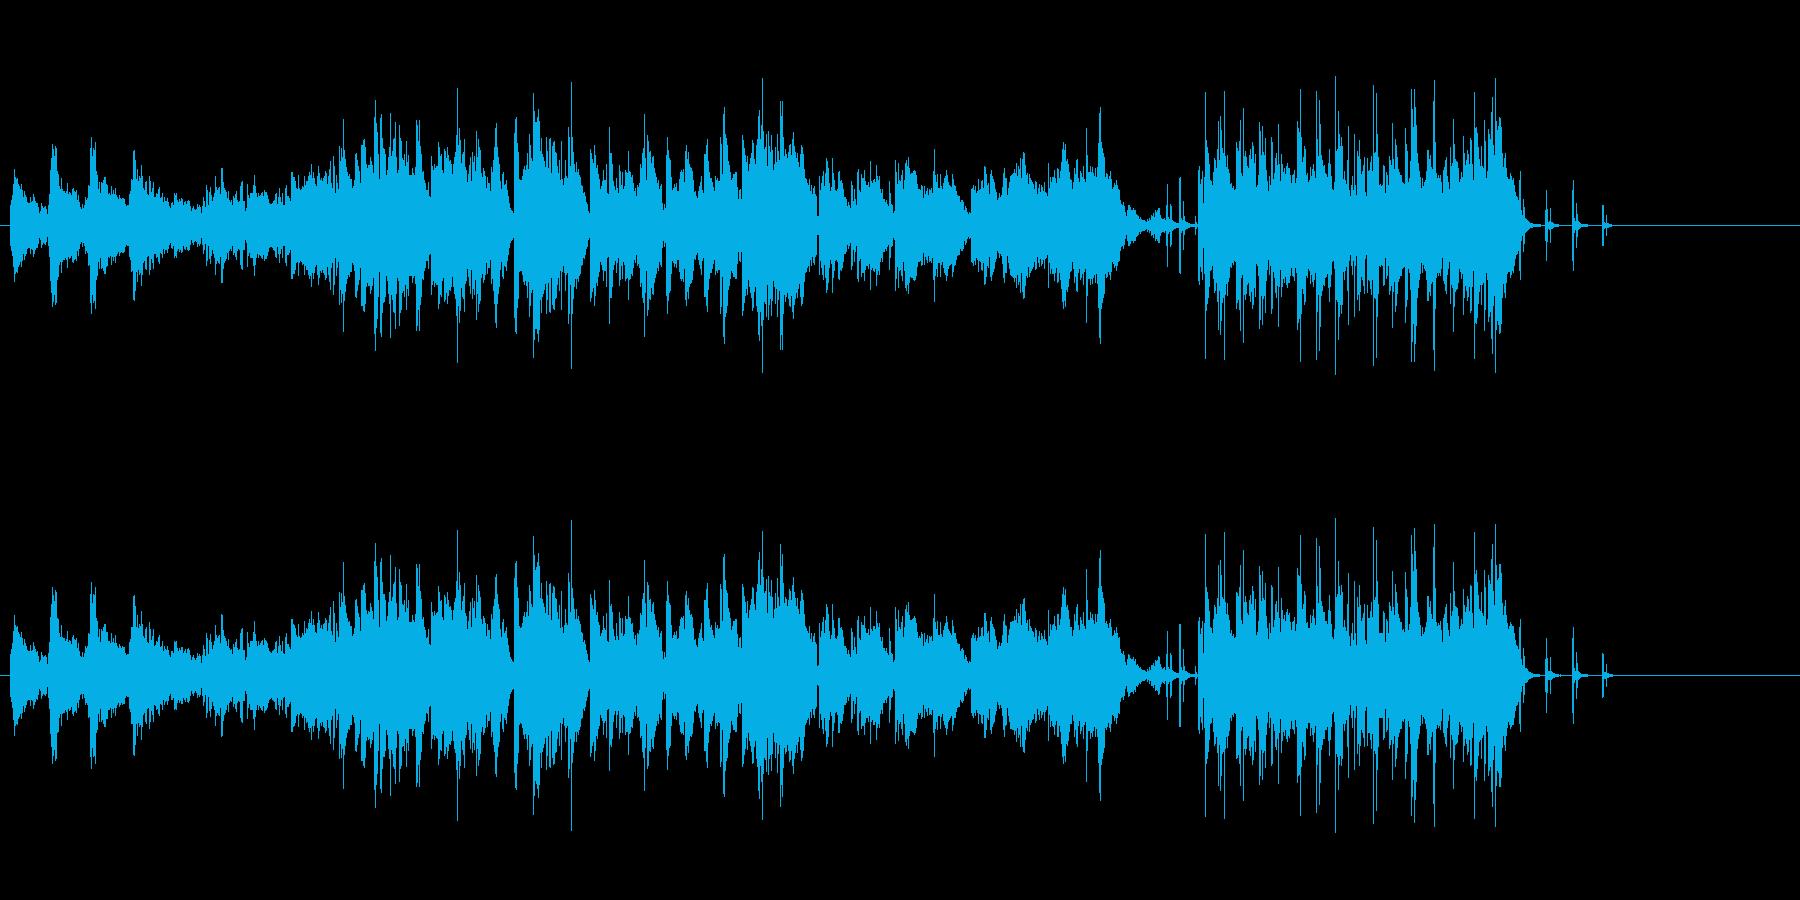 情景・感情的イメージテーマ映像のBGMの再生済みの波形